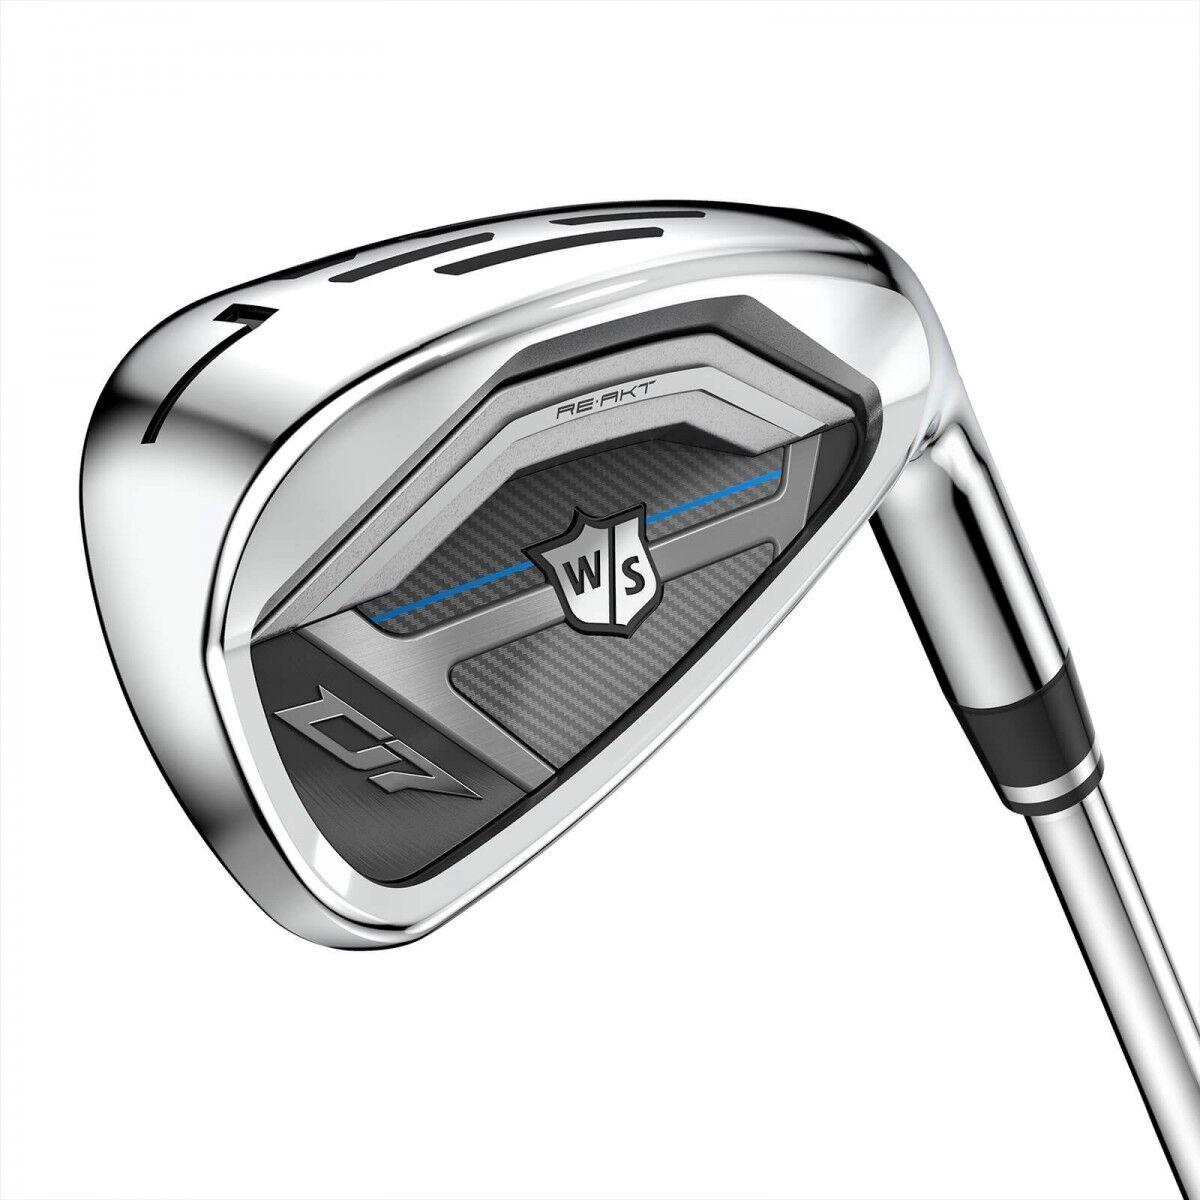 2019 Wilson D7 hierros Individuales -- seleccione Eje, Mano, flexible y personalizar Loft..